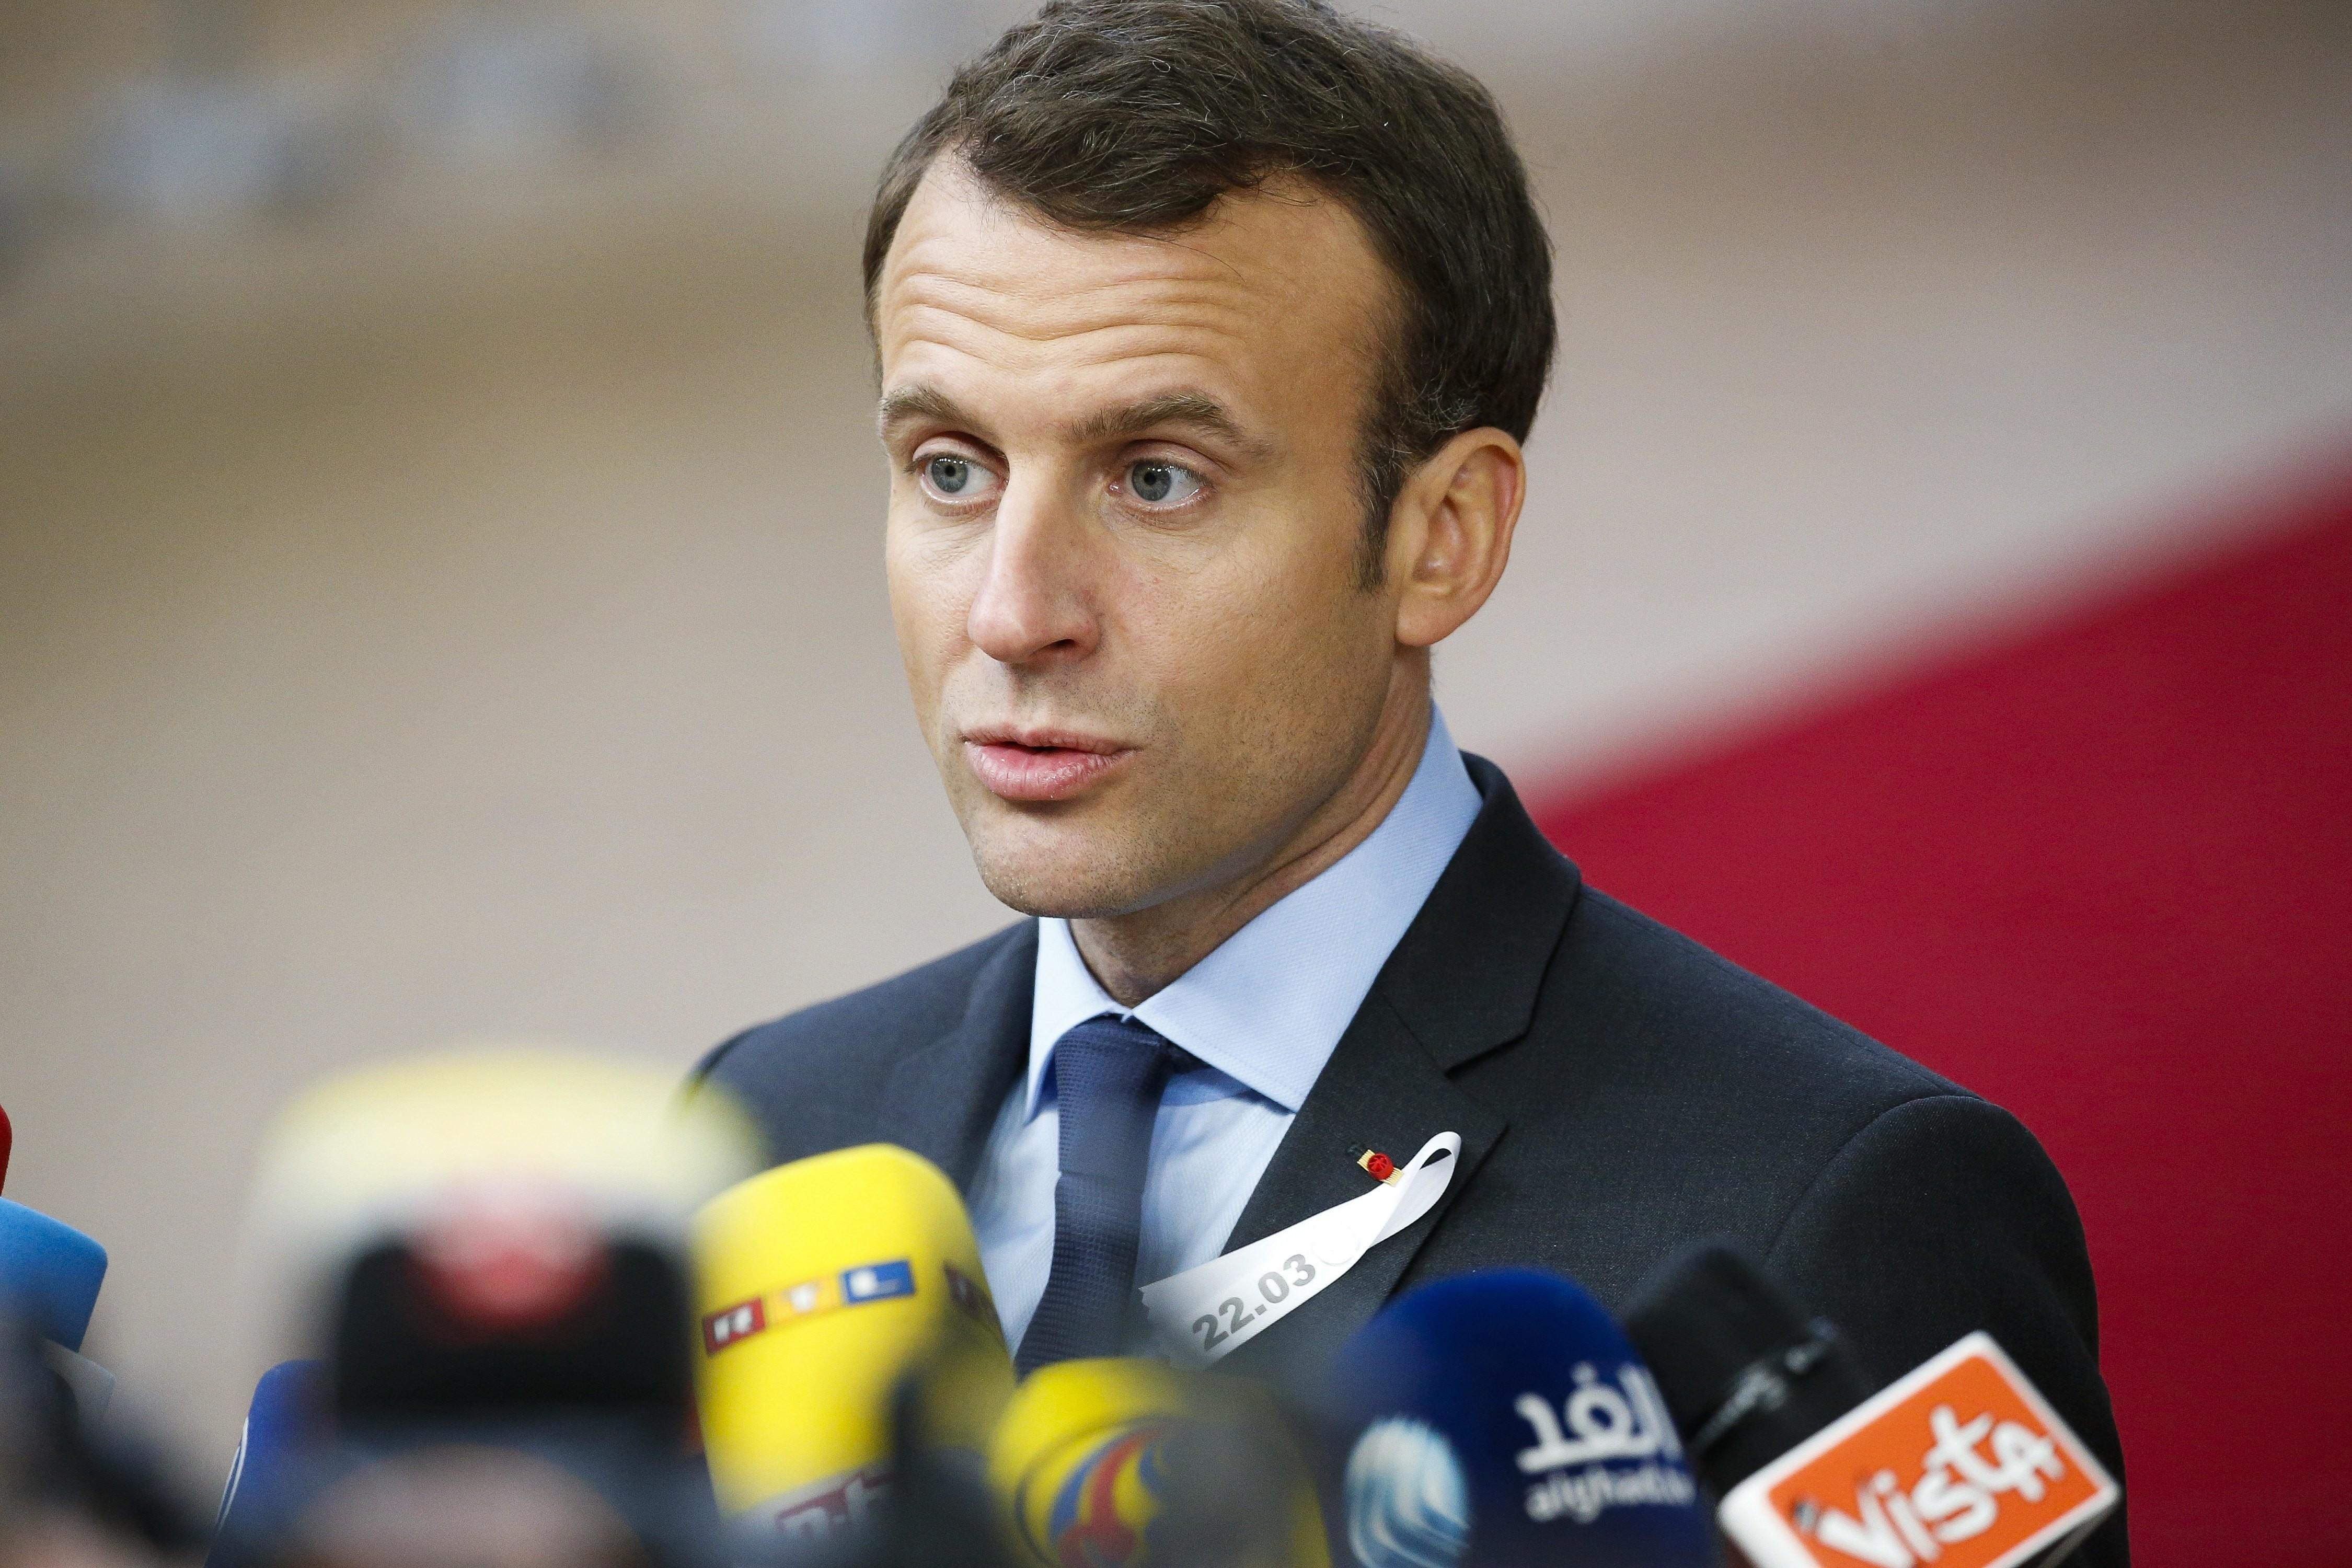 b12e0a0c5034ef Emmanuel Macron: kilka państw, w tym Niemcy i Francja, odpowie na atak na  Skripala - Wiadomości